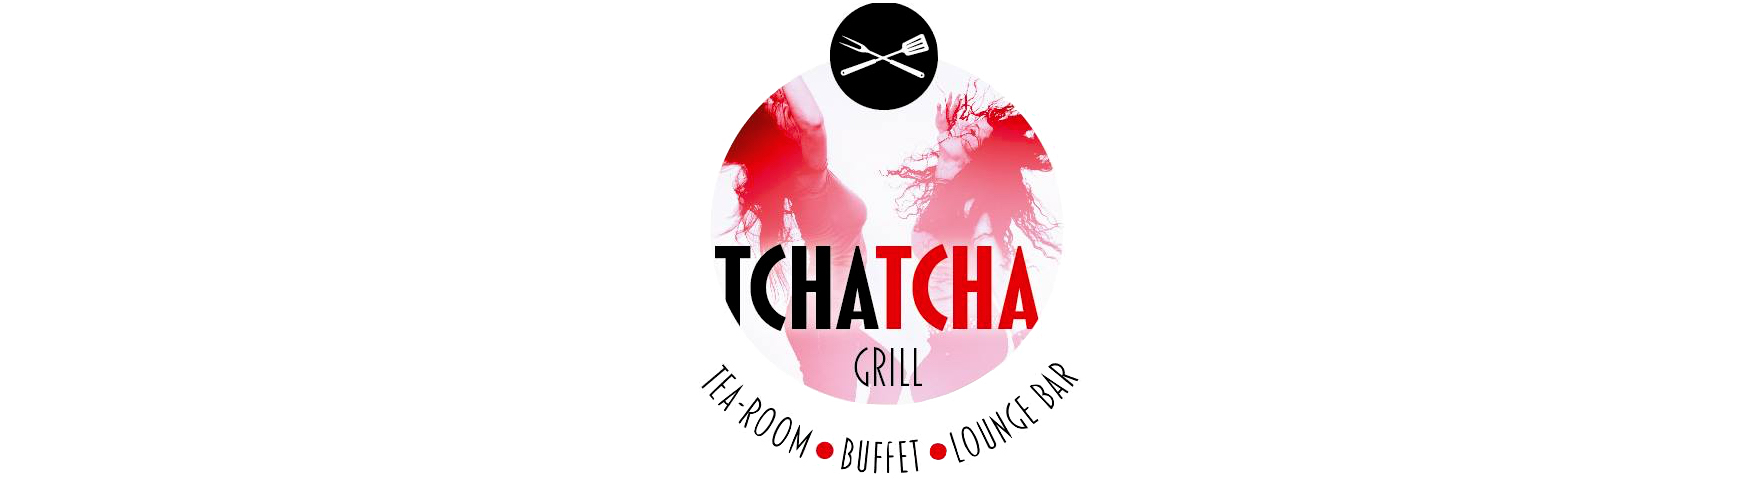 Tchatchagrill